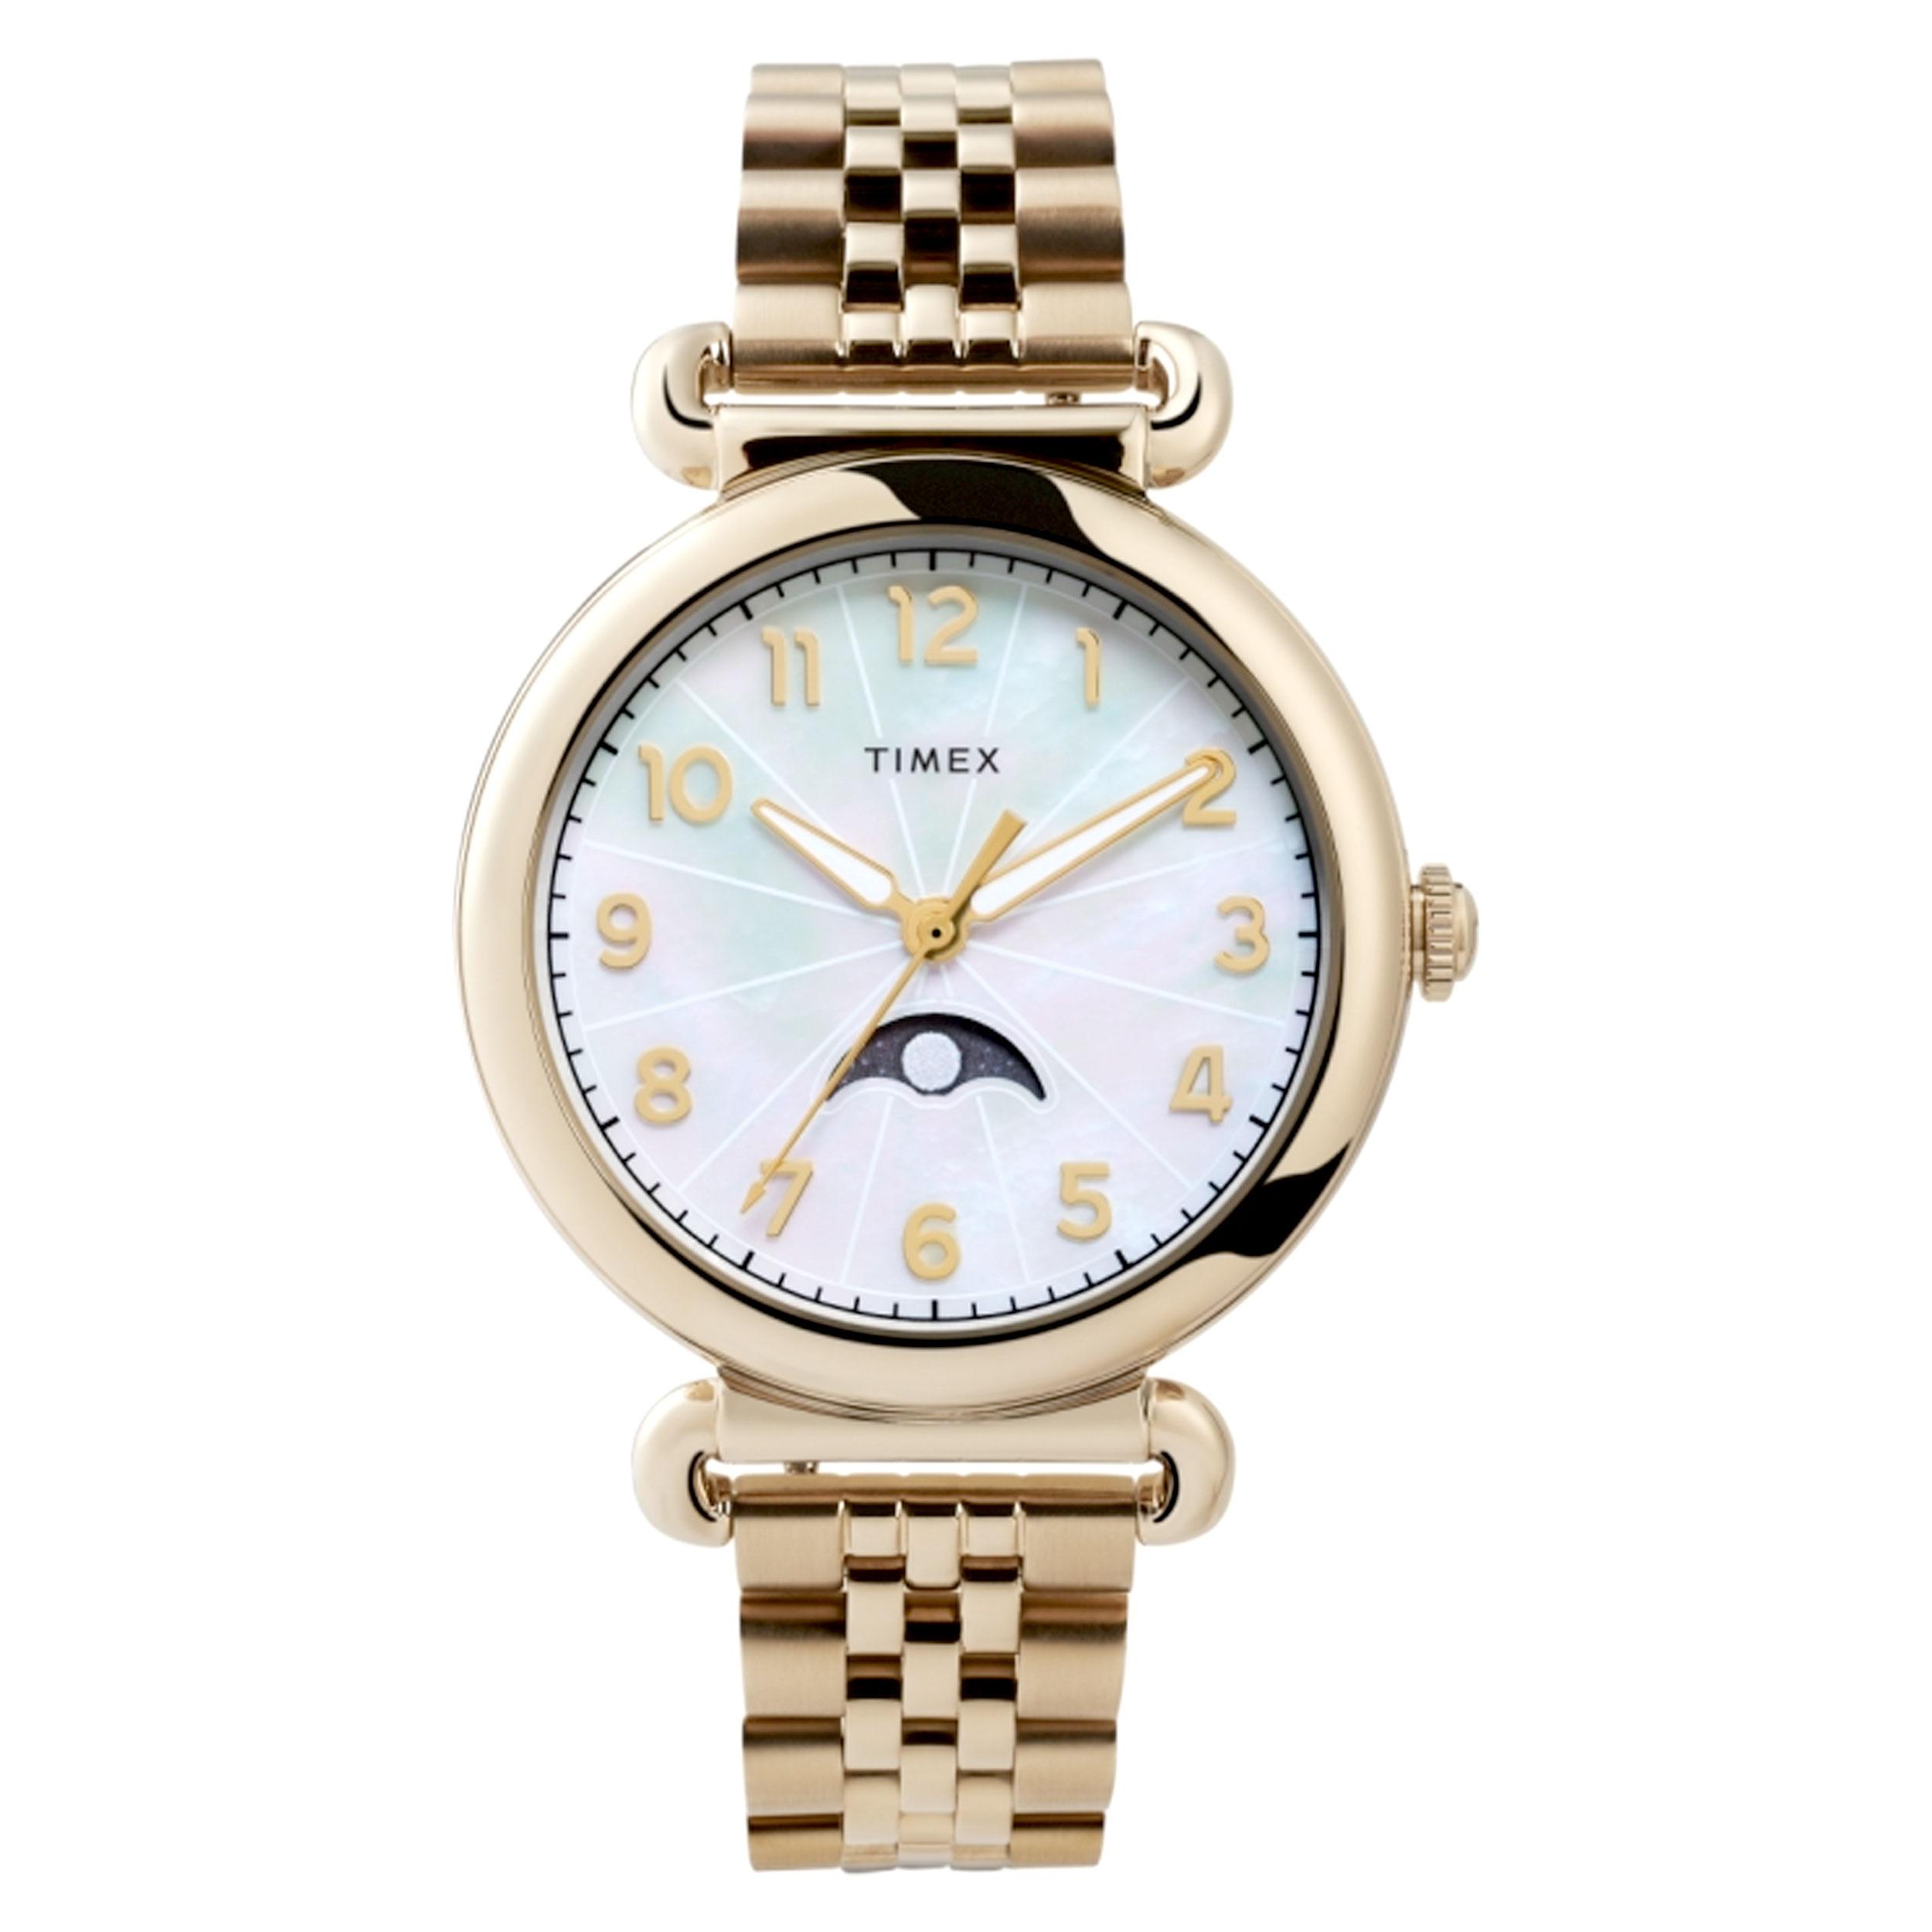 ساعت مچی عقربه ای زنانه تایمکس مدل TW2T89500              ارزان